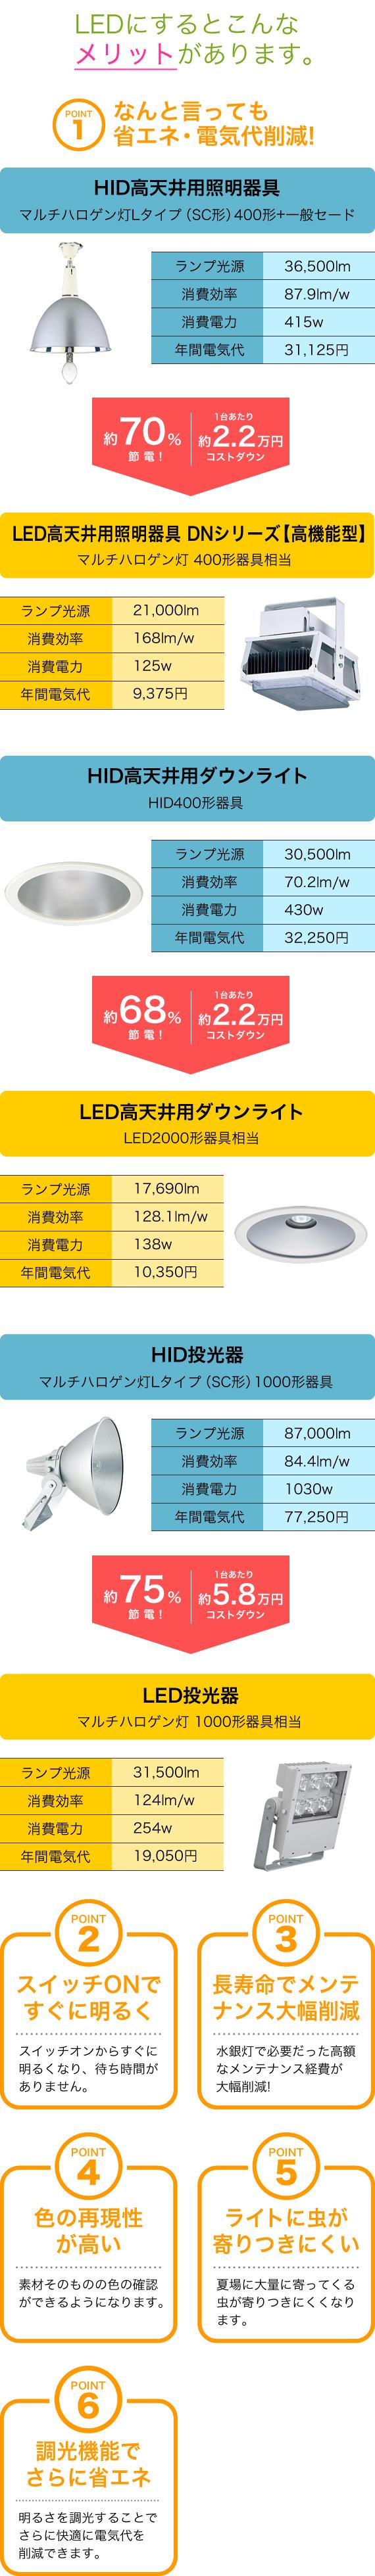 水銀灯からLED照明の切替は電気料金を最大80%削減し、耐用年数は10年以上の長寿命なのがメリット